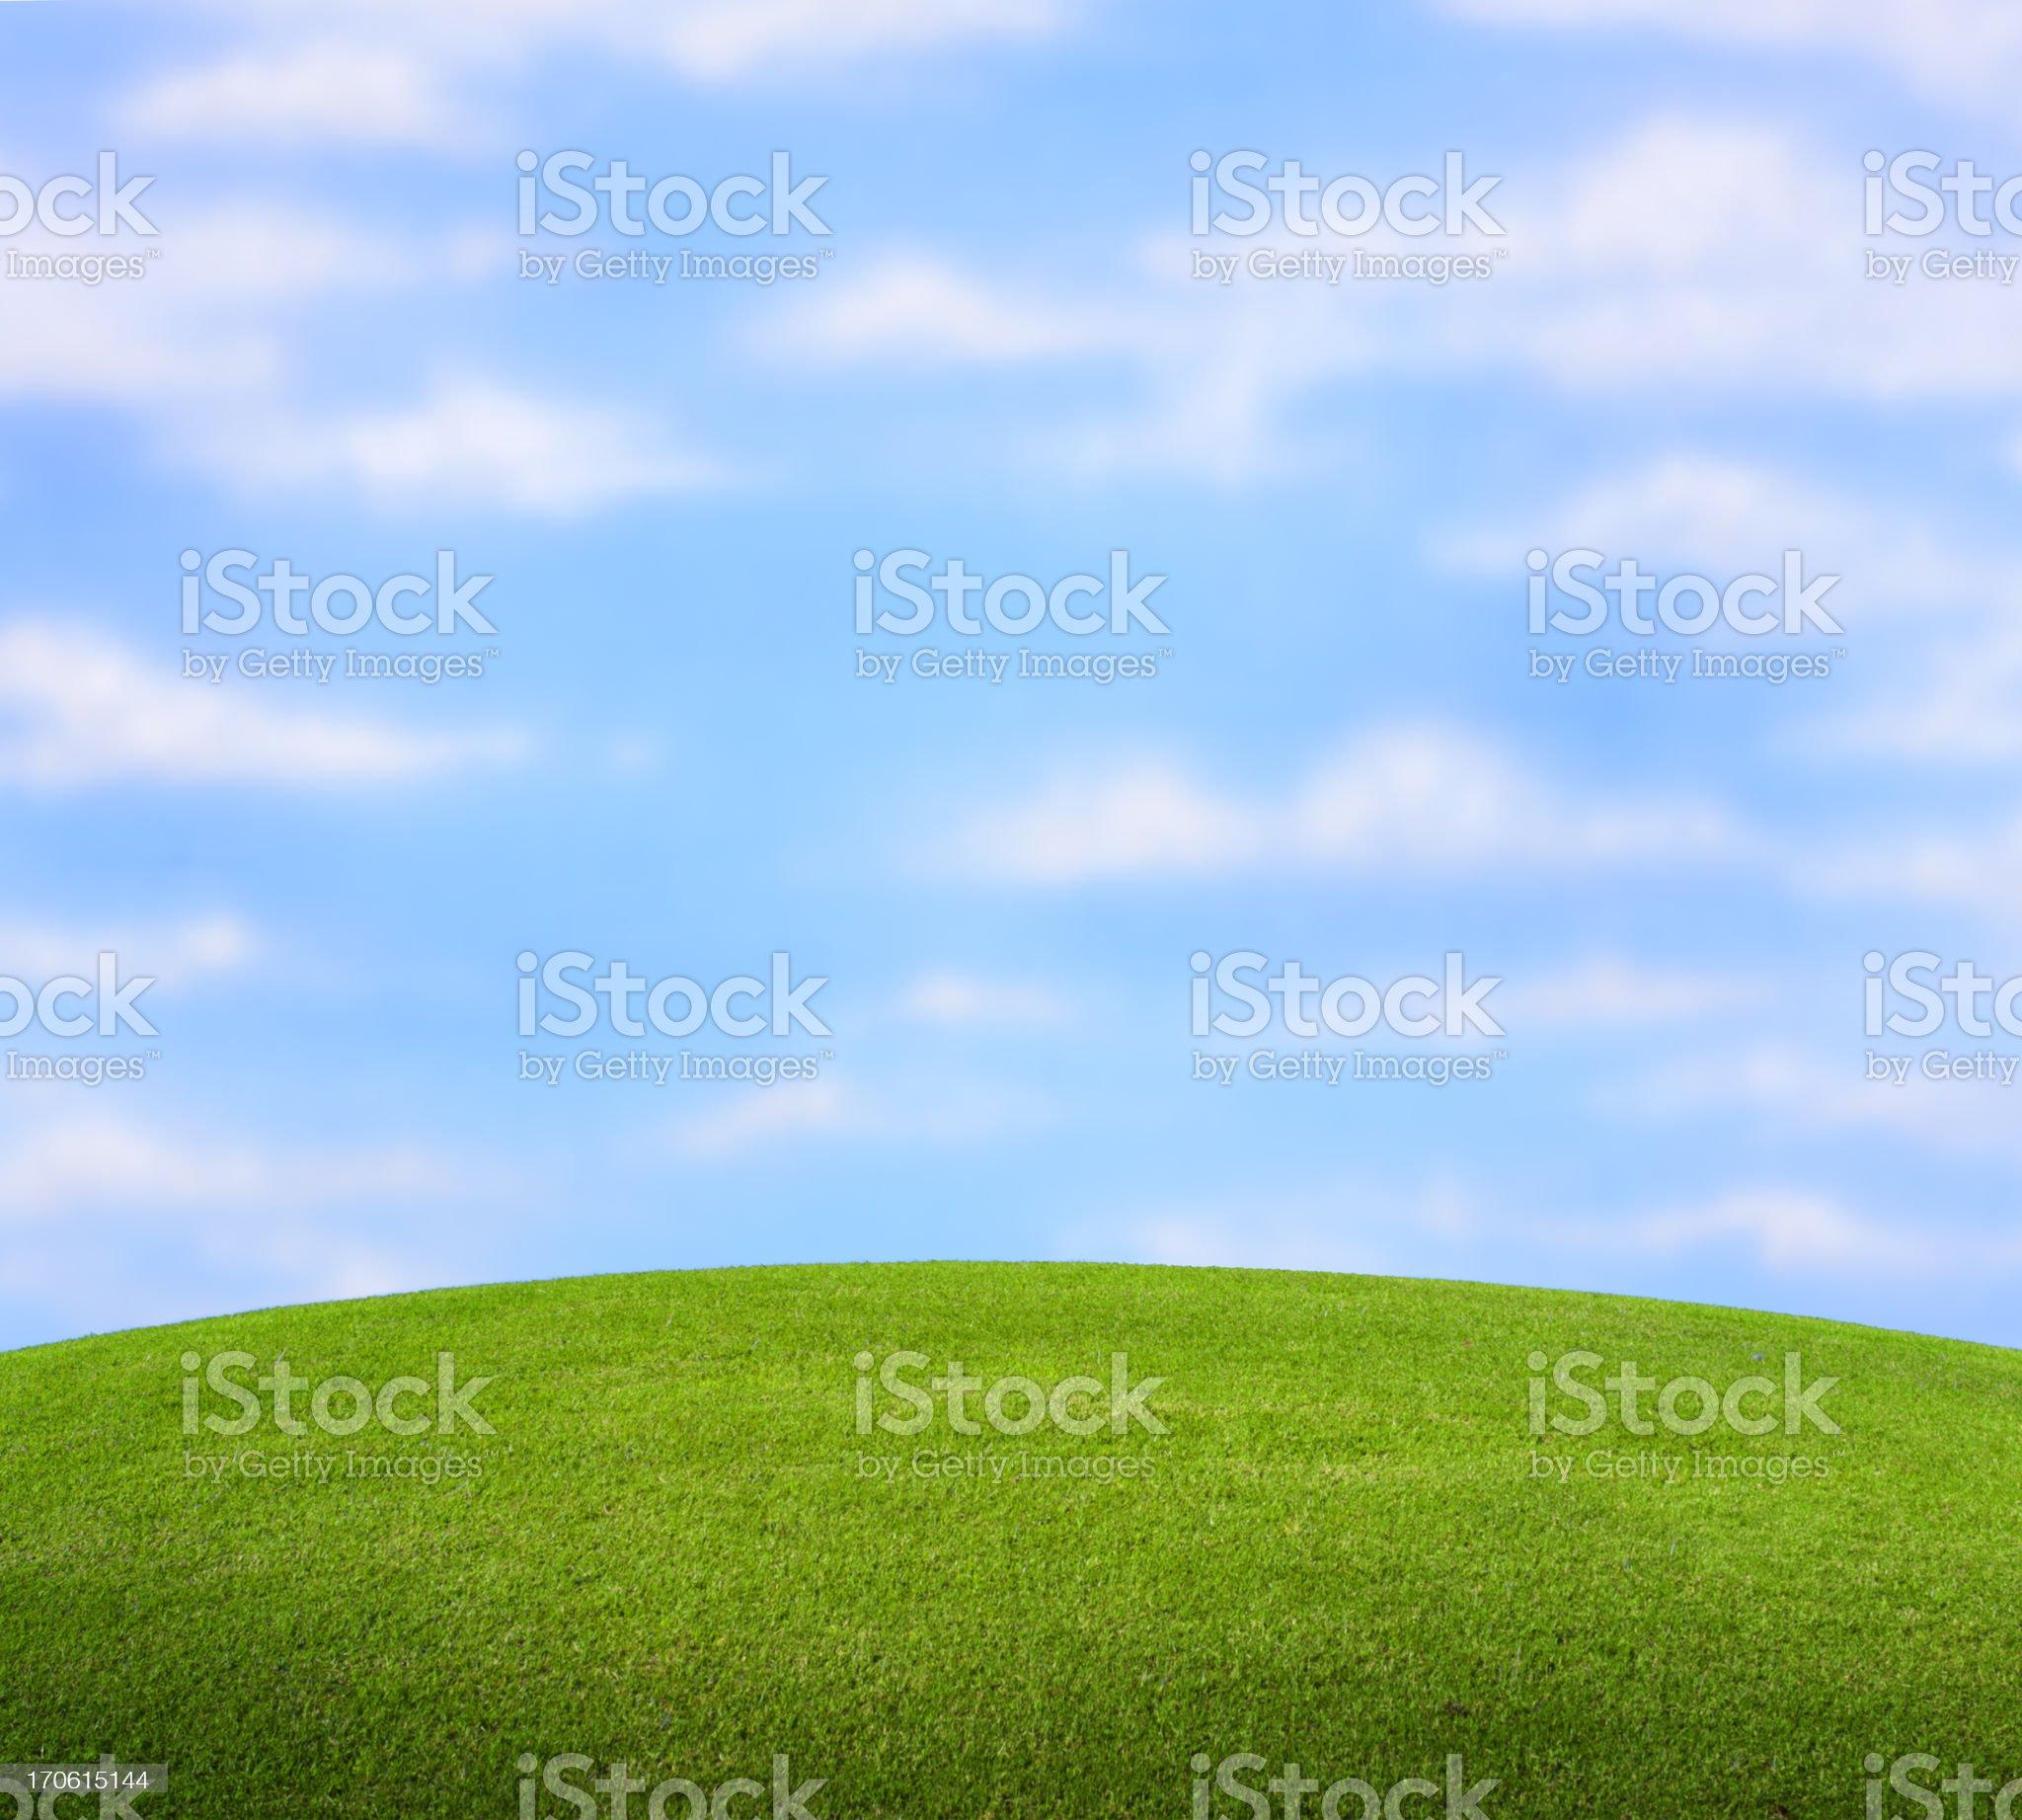 Grassy Knoll royalty-free stock photo